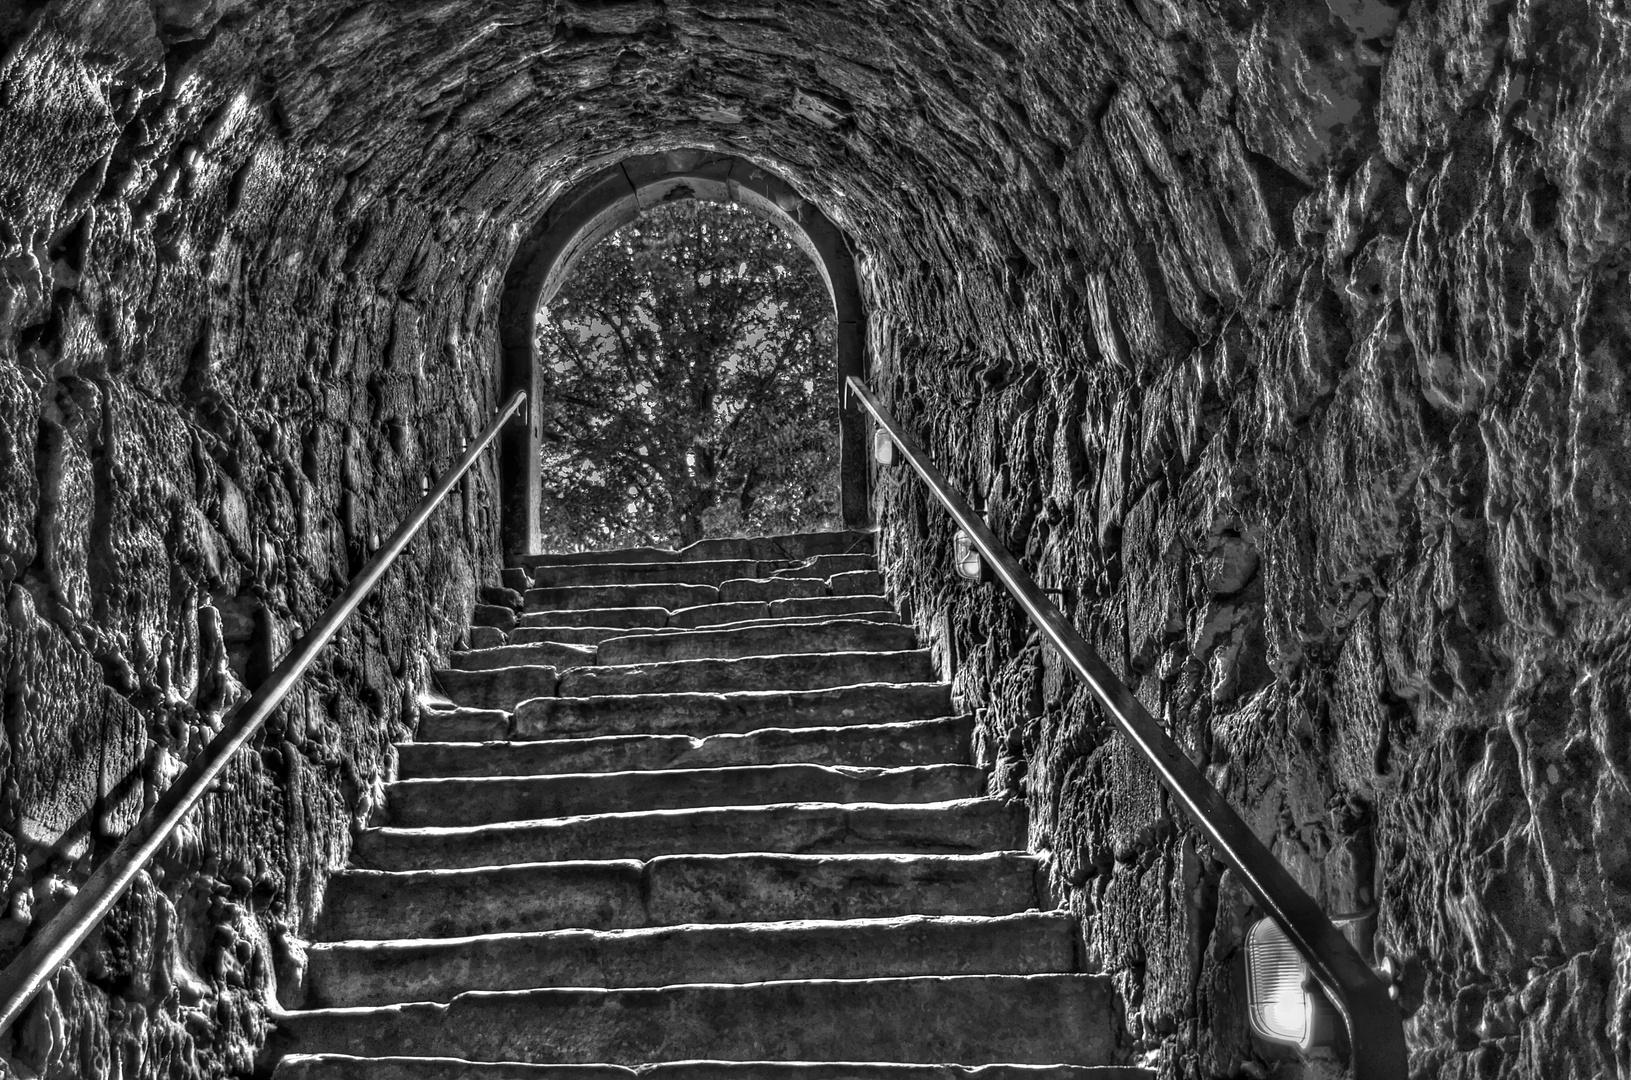 Der Treppenaufgang nochmal in SW